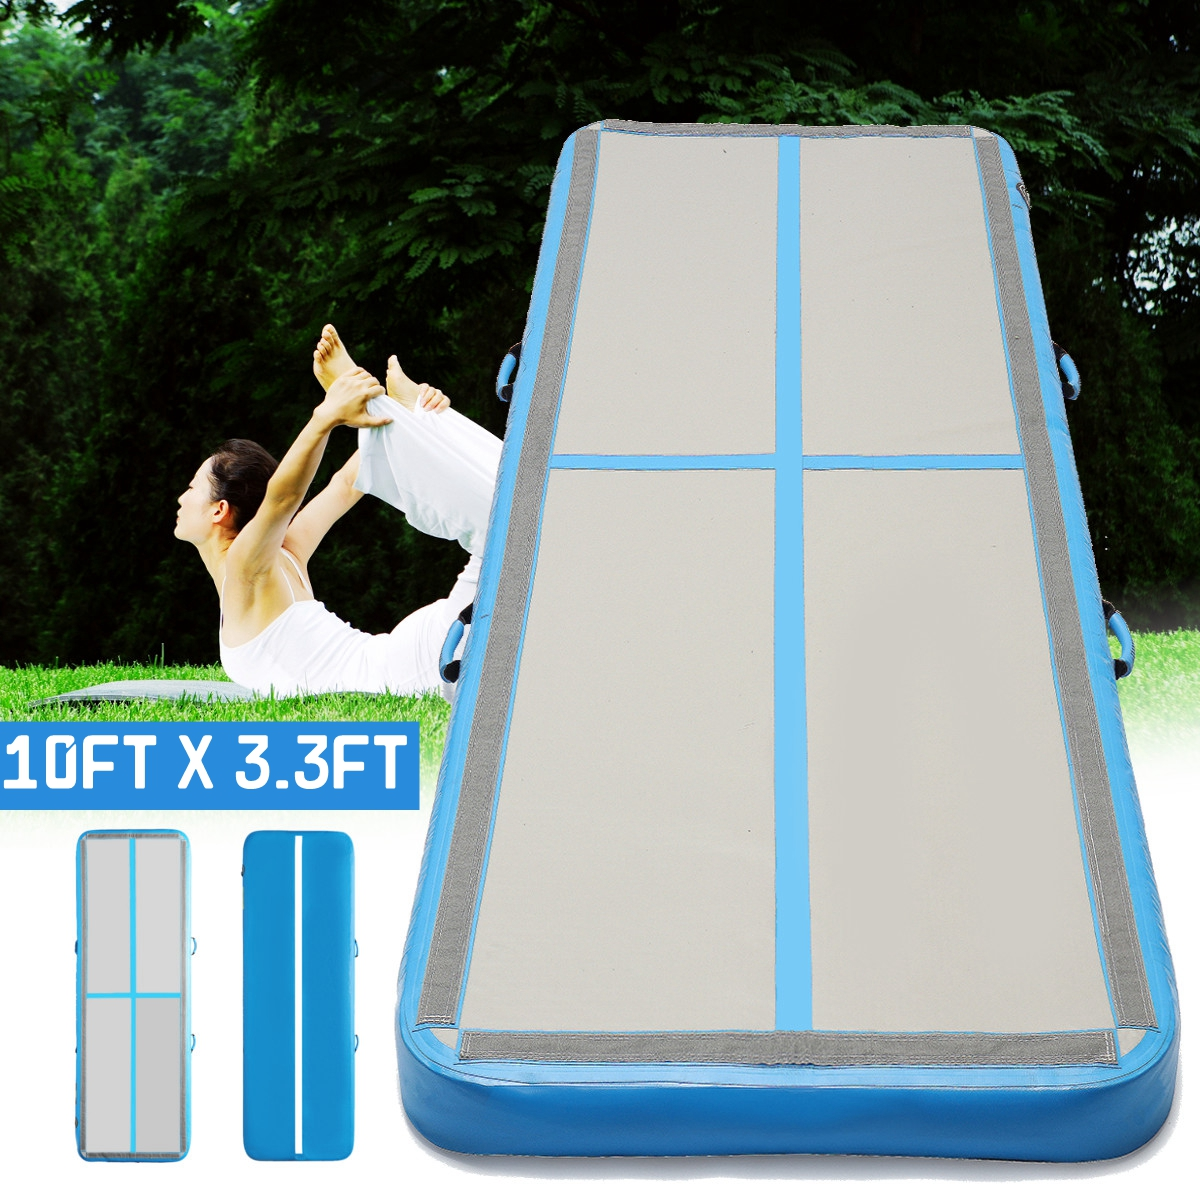 AirTrack 100x300x10 см надувные Дешевые гимнастические матрасы тренажерный зал в стиральной машине Air следить пол акробатика Air трек для продажи